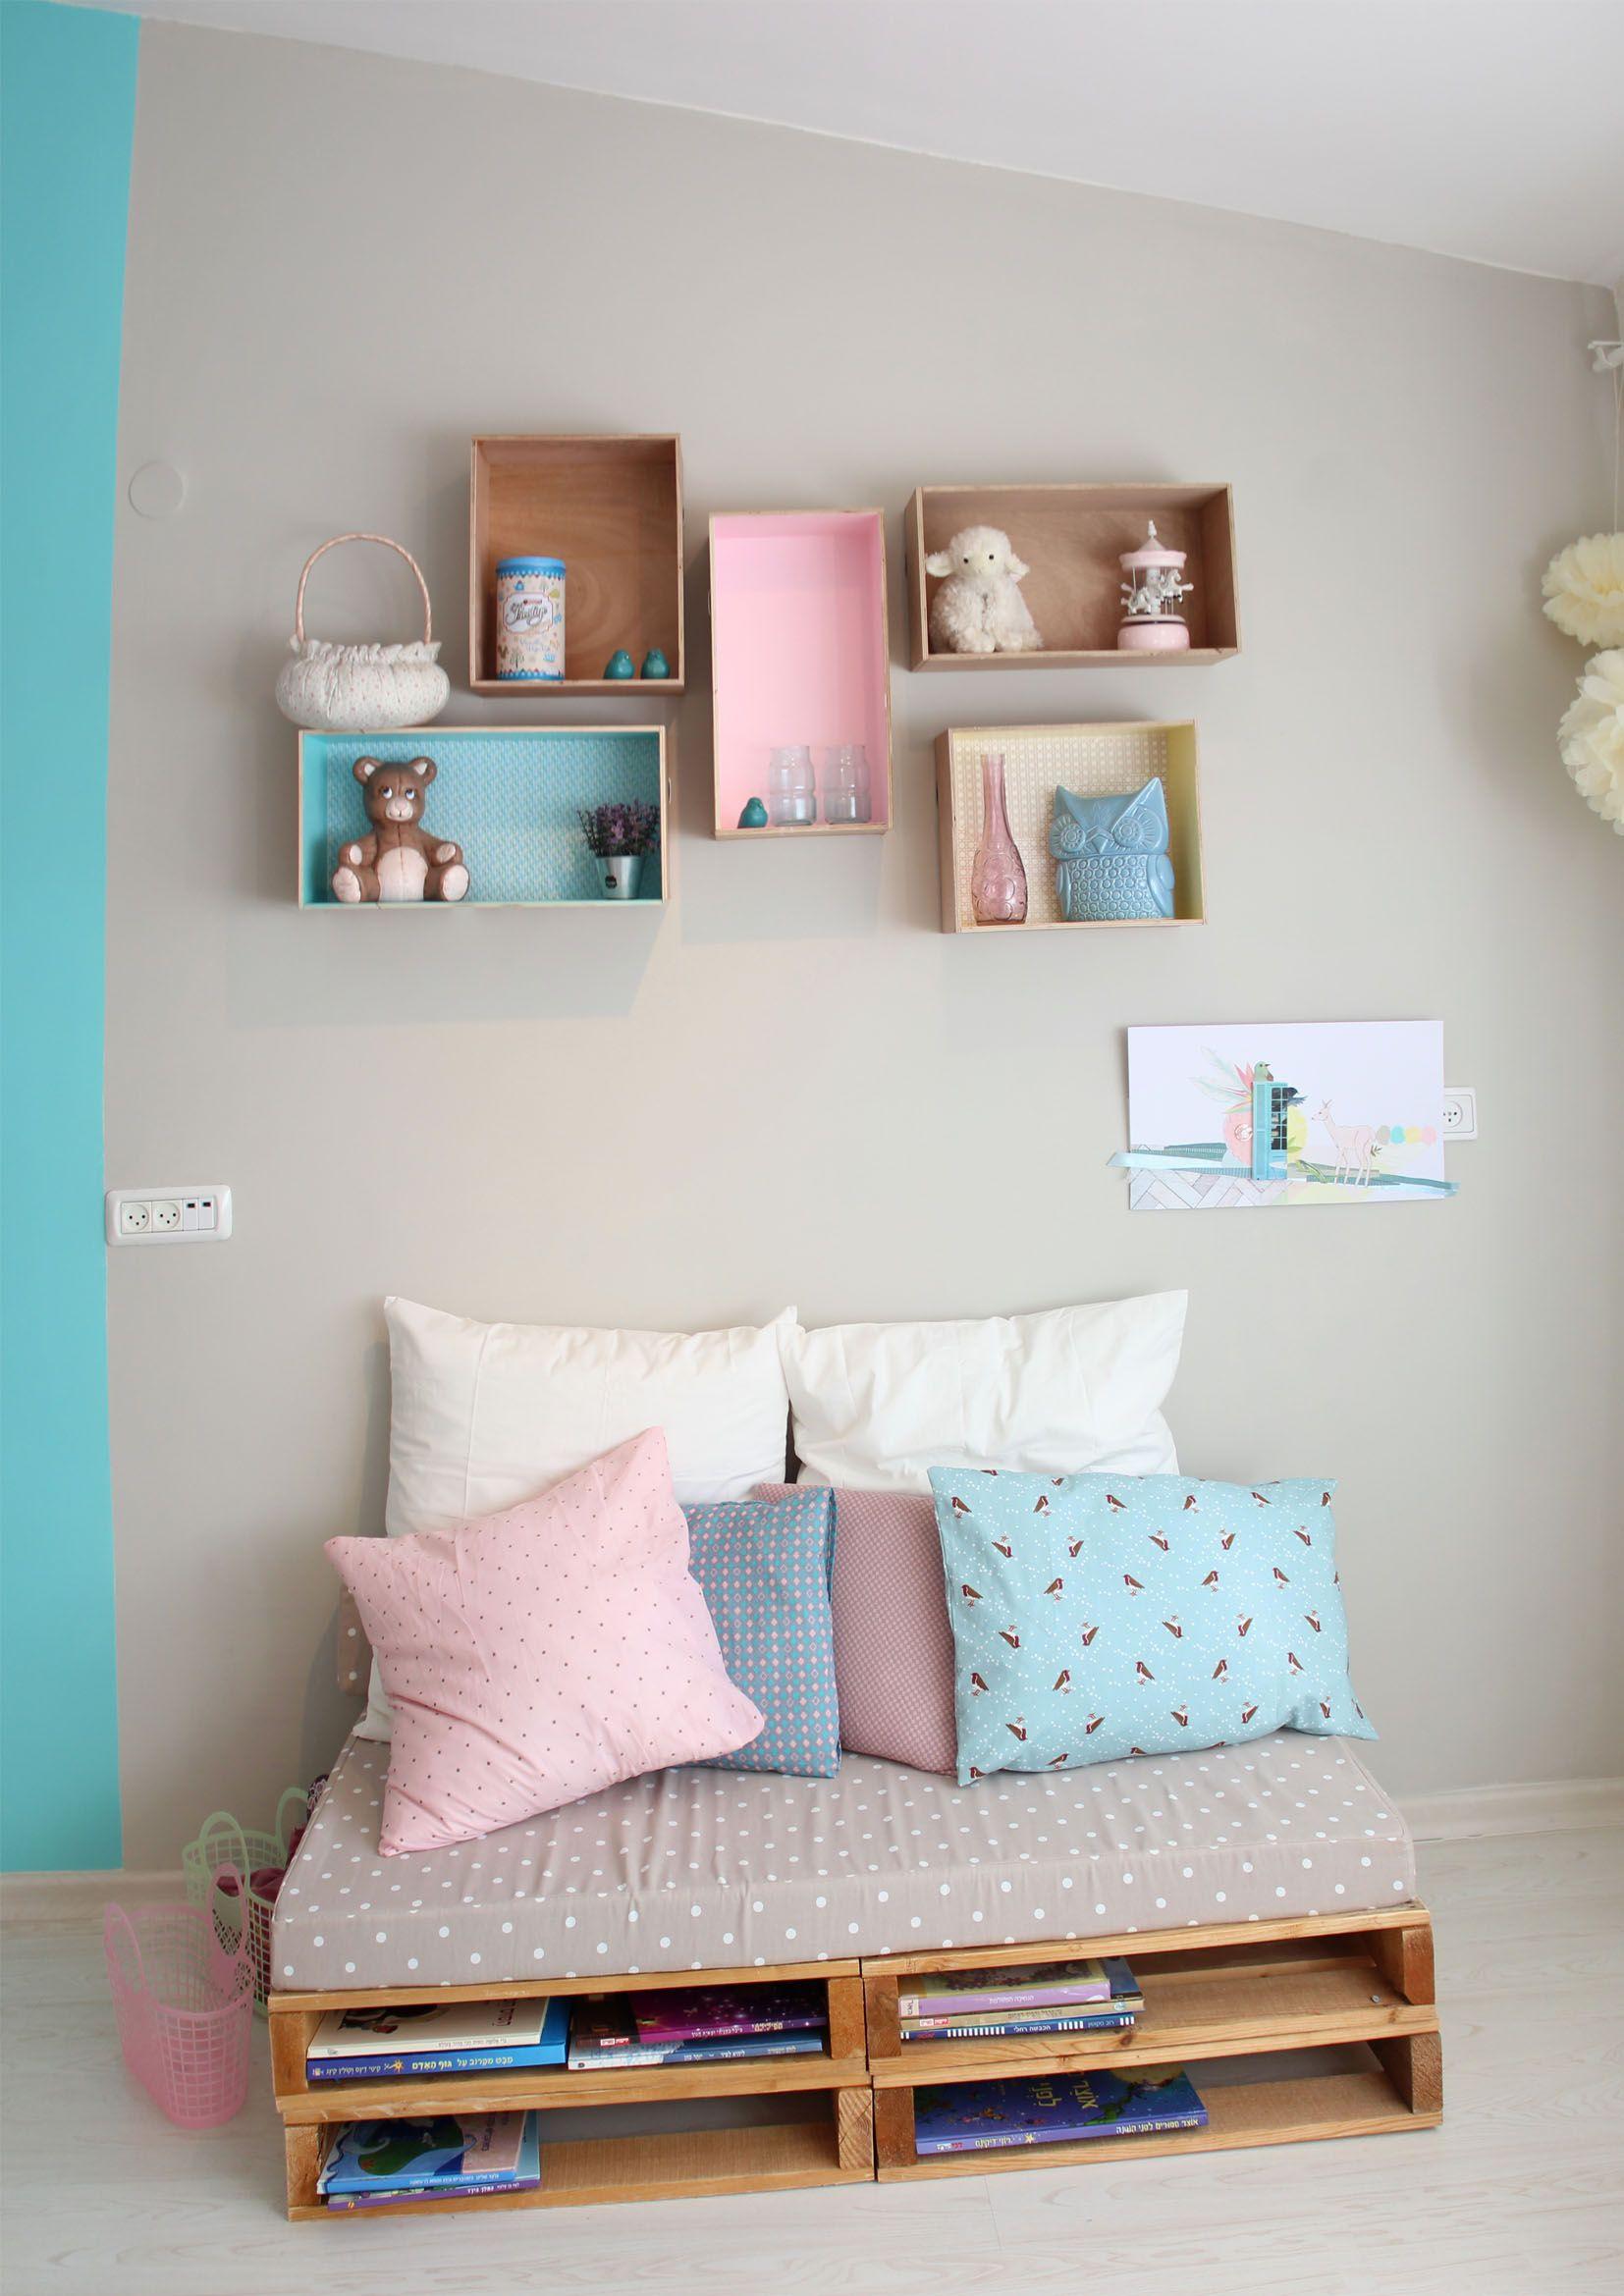 חדר ילדים אנוק רון http bit ly 1rulkhz eco furniture on simple effective and easy diy shelves decorations ideas the way of appearance of any space id=95301